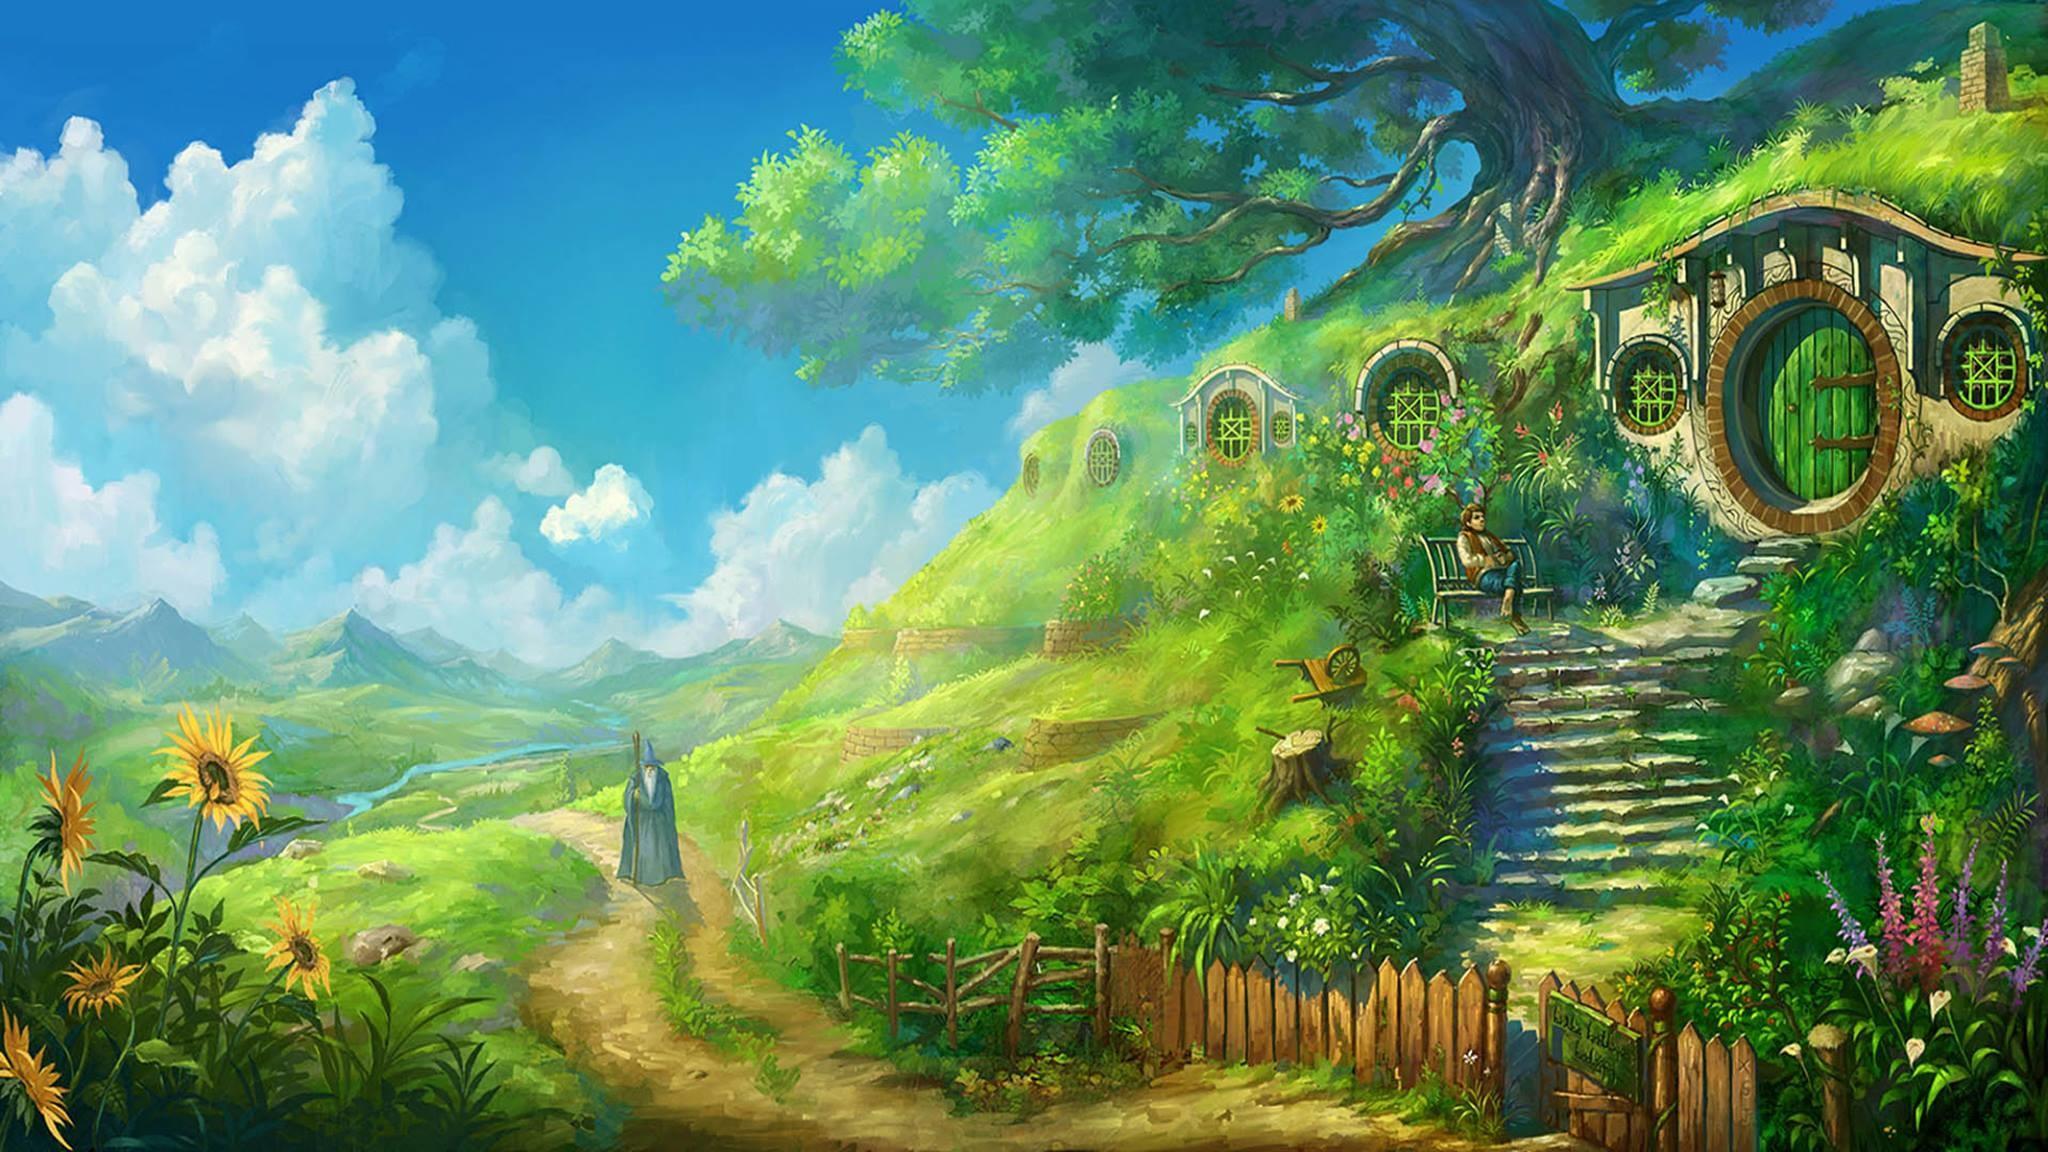 Ghibli Wallpapers 1